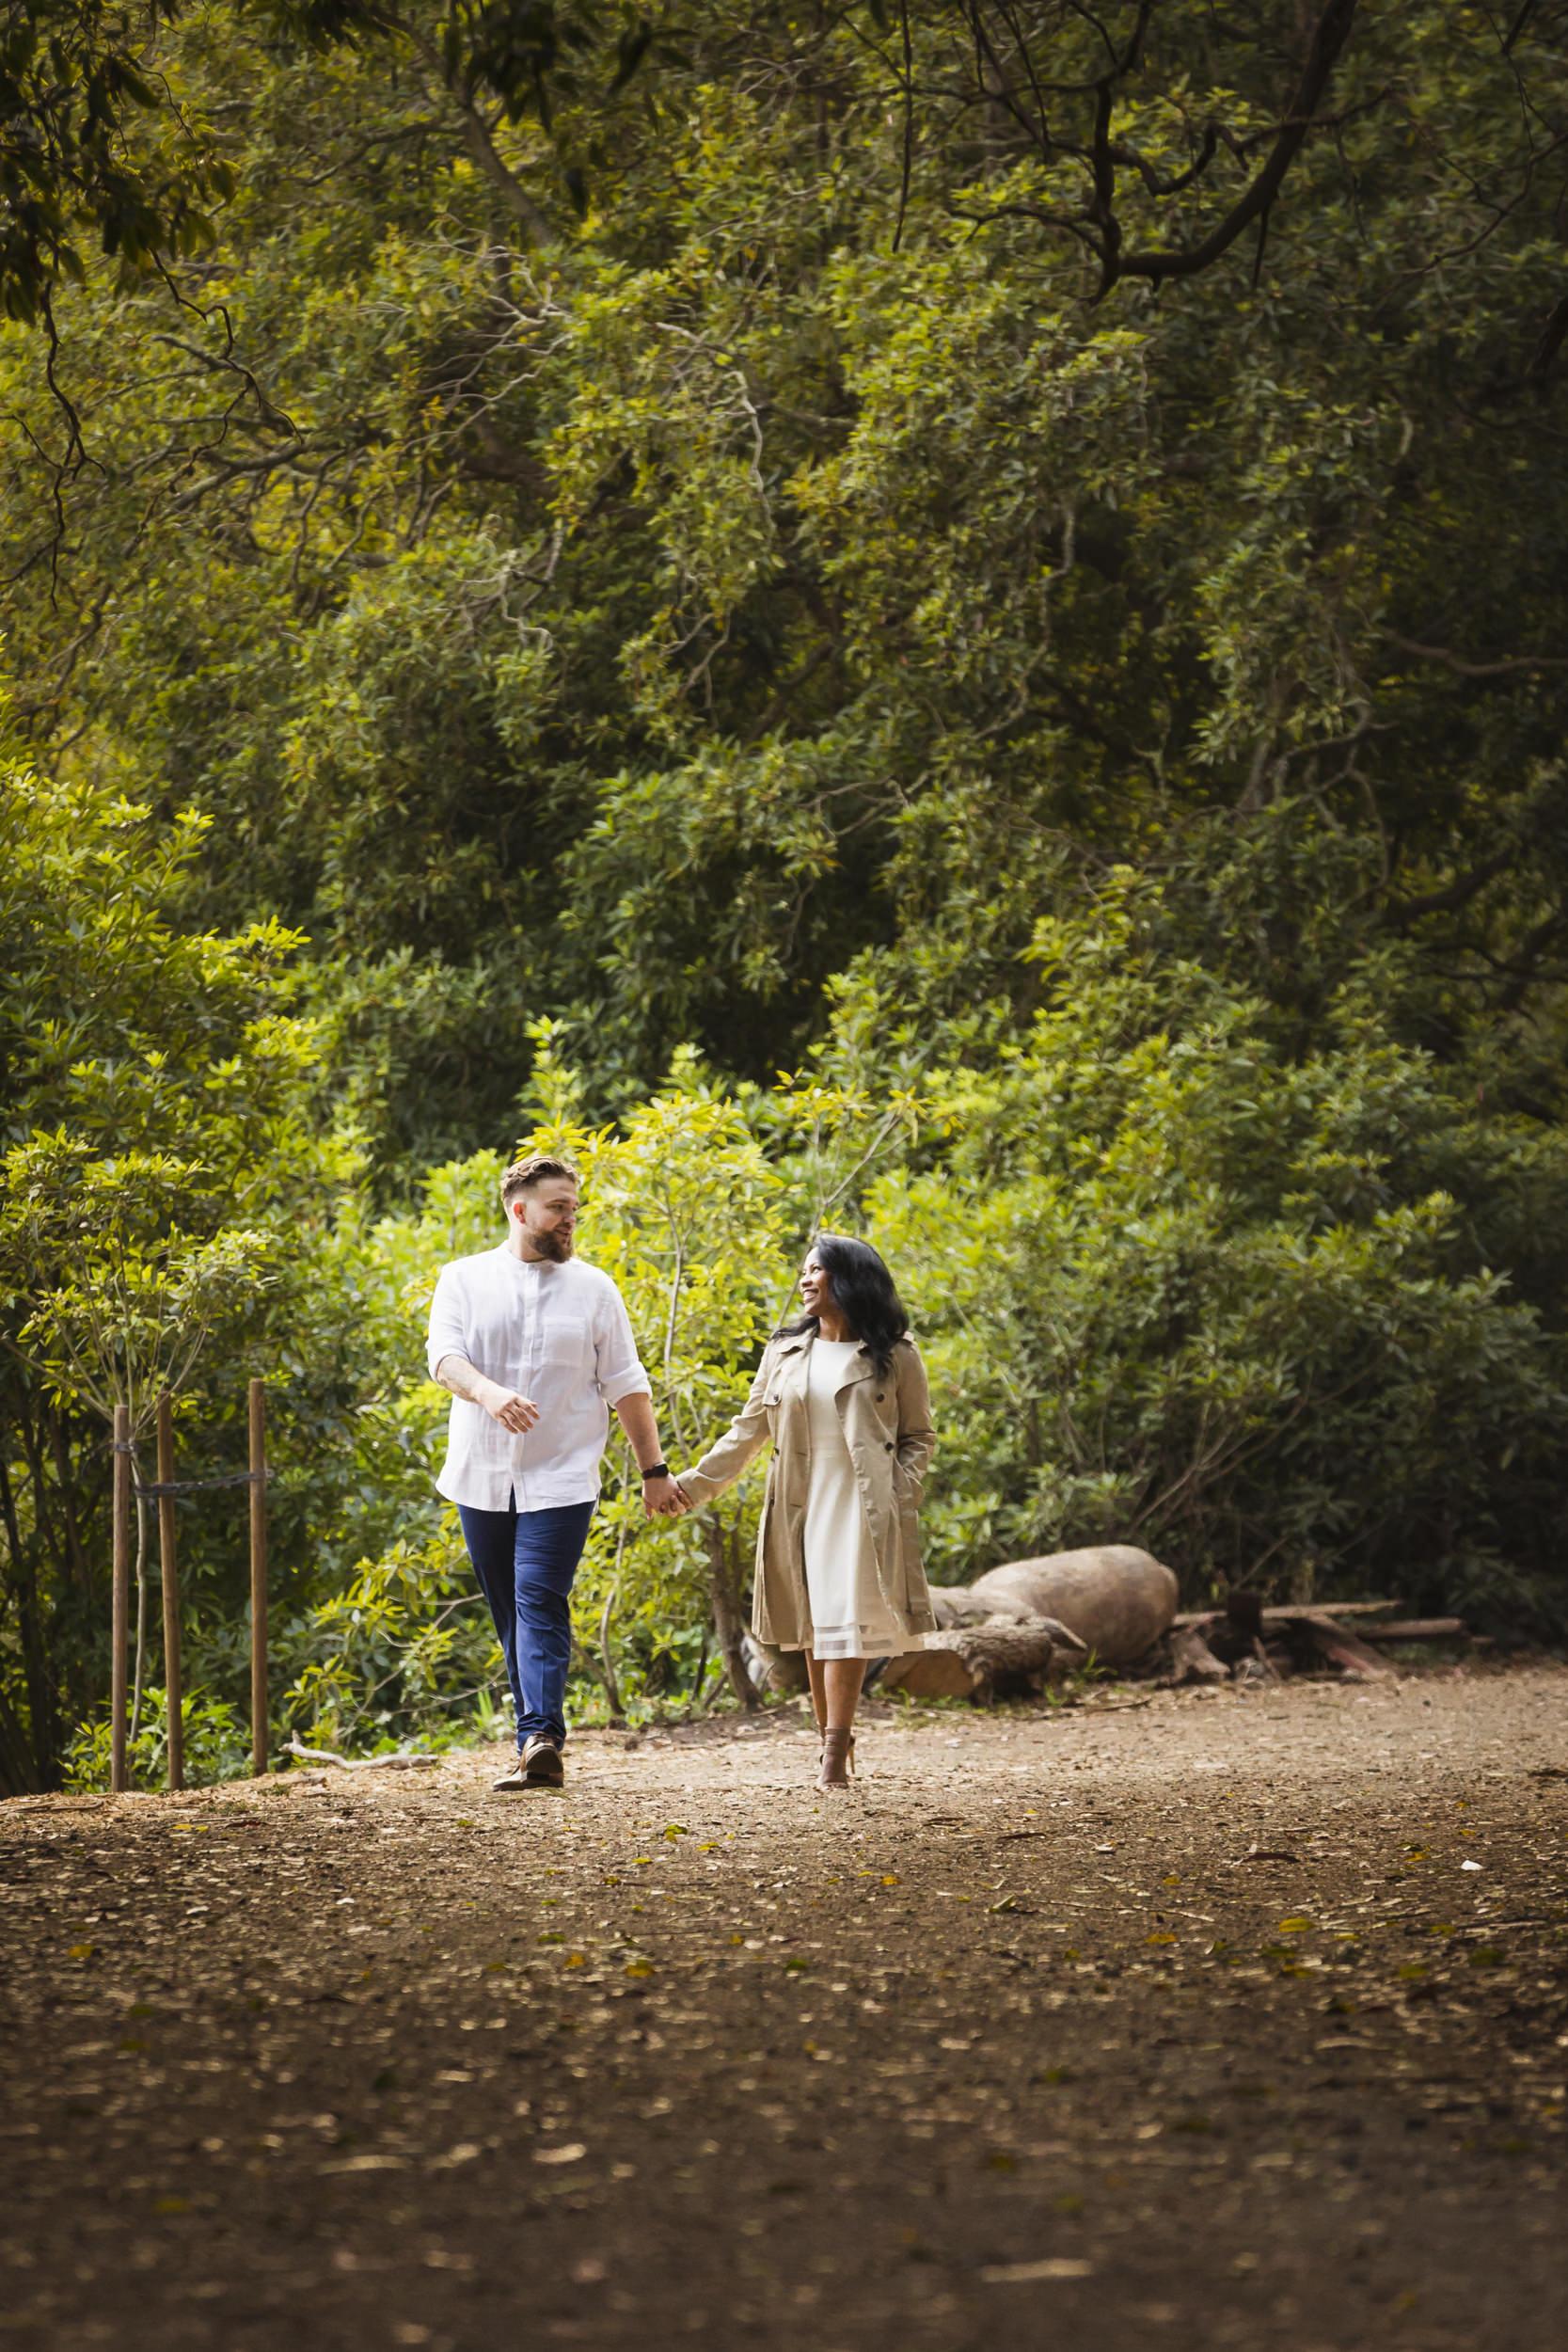 ross-tigist-engagement-shoot-golden-gate-park-1.jpg